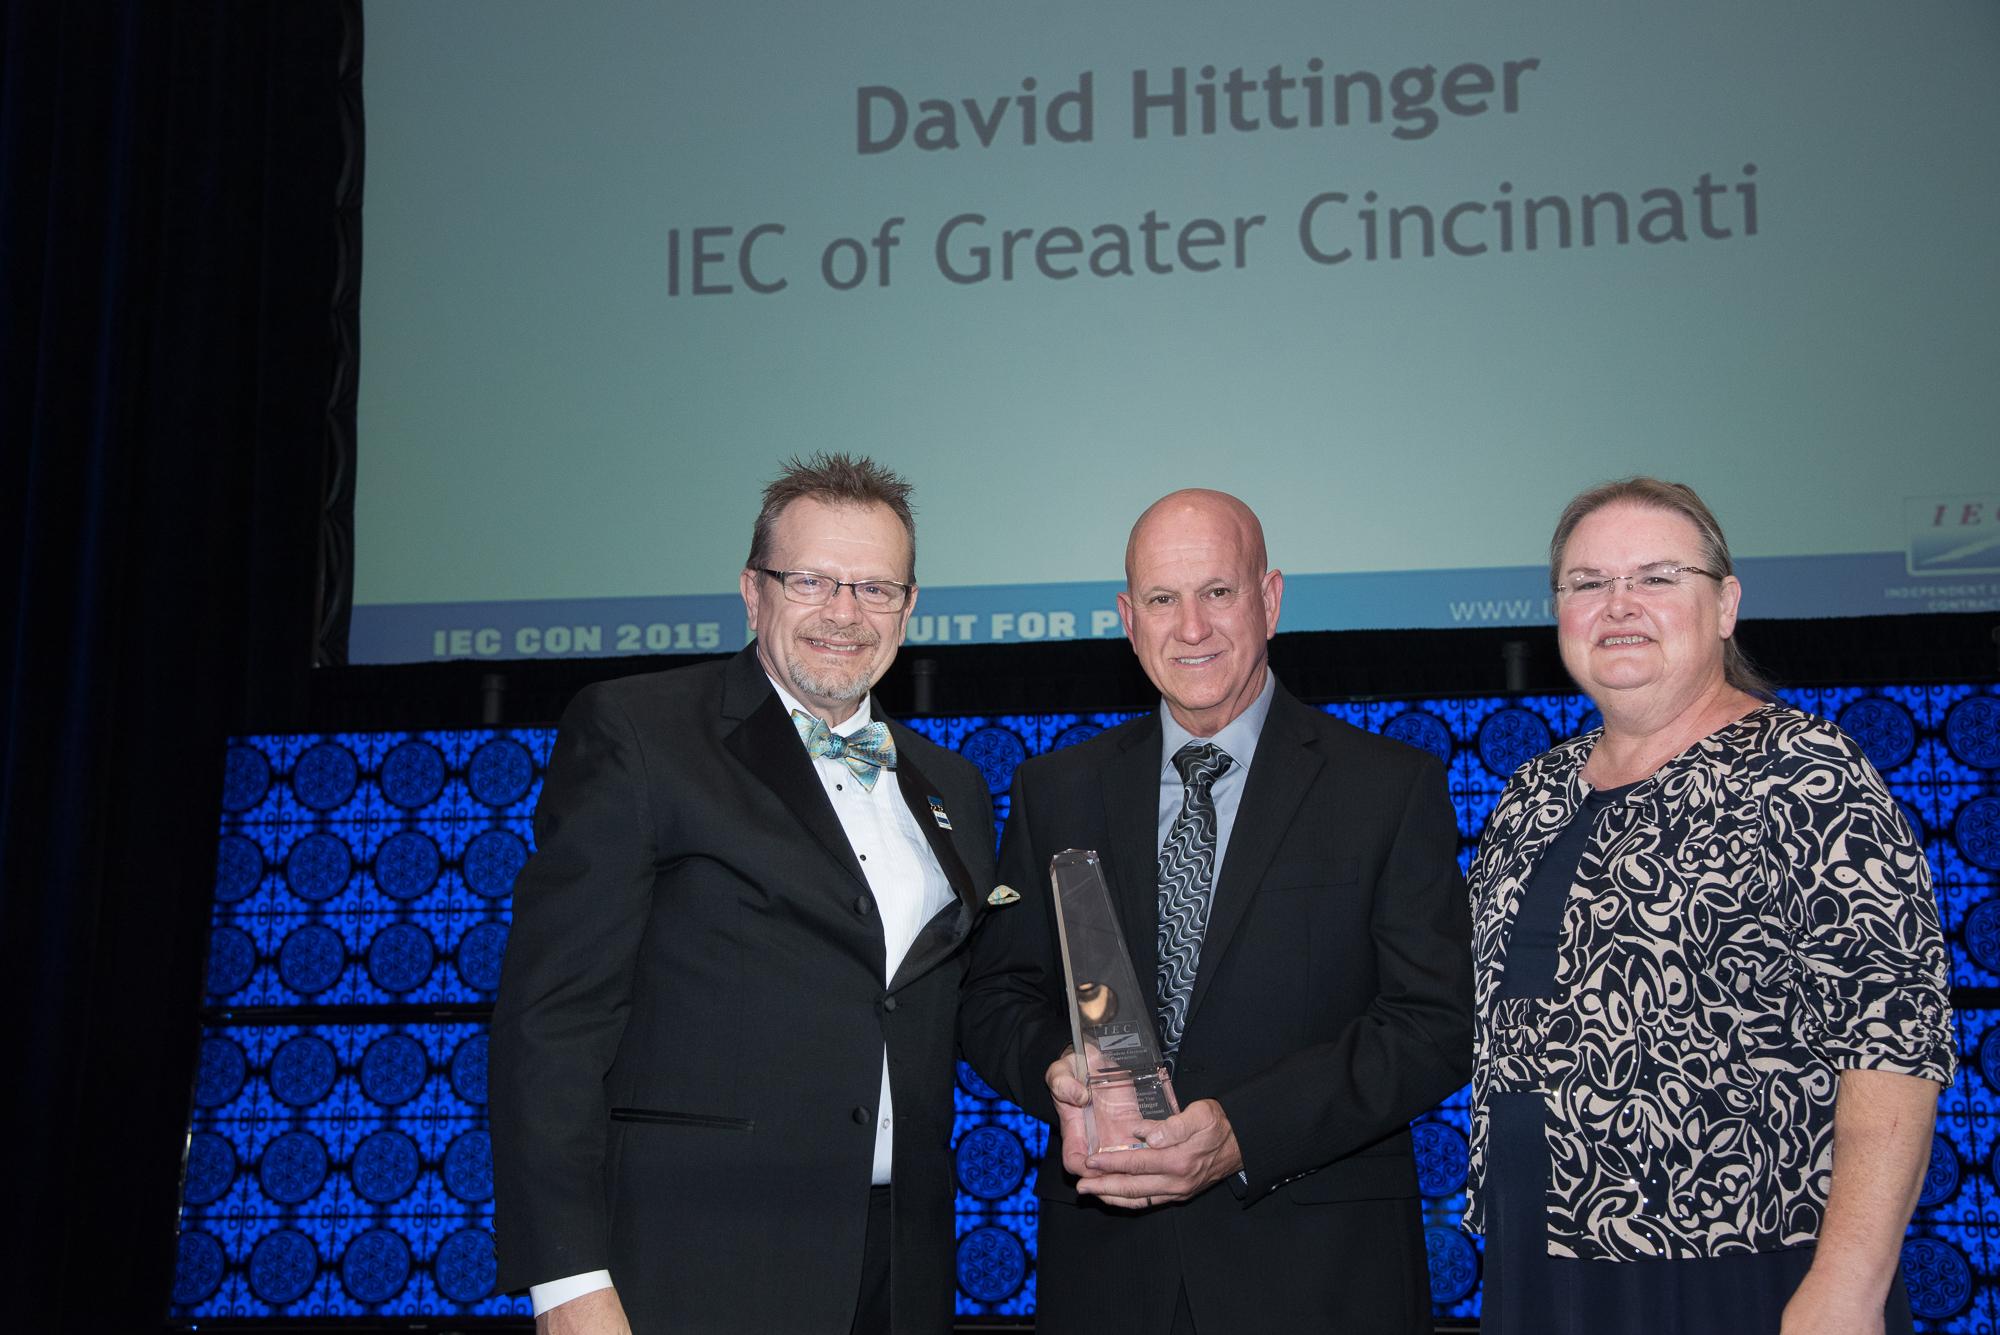 Iec Cincy Wins Big Independent Electrical Contractors